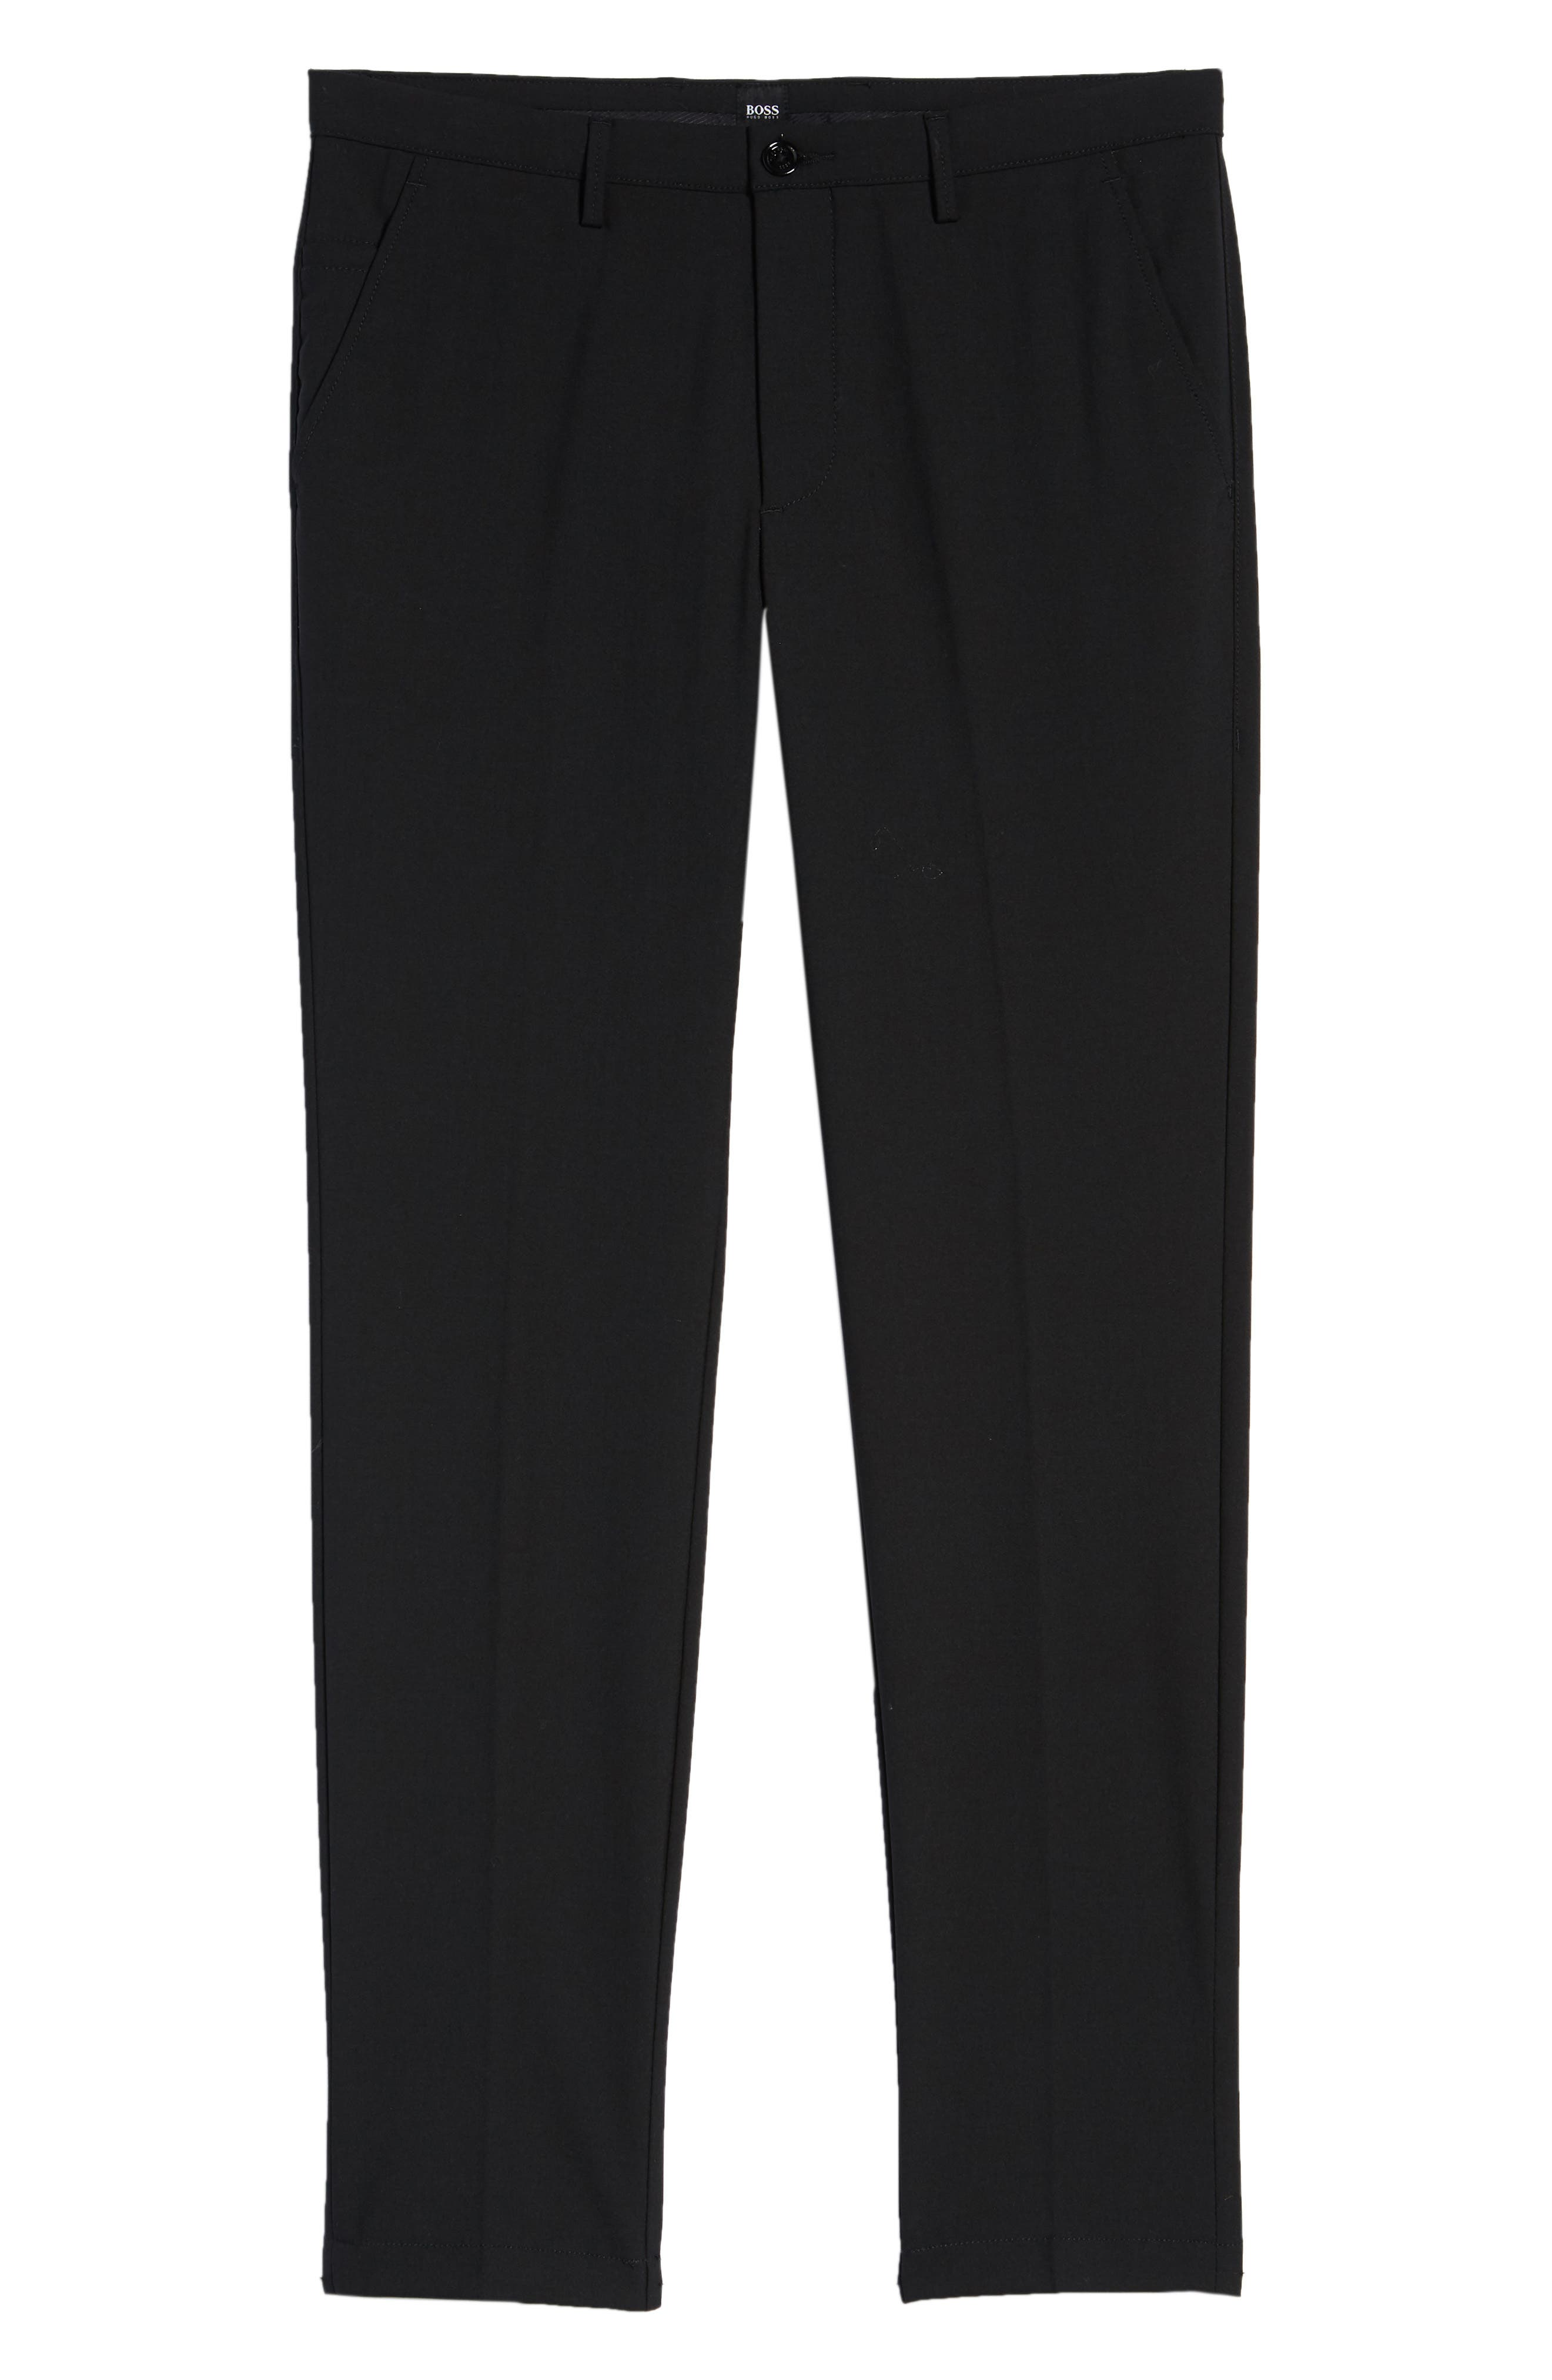 Kaito Slim Fit Trousers,                             Alternate thumbnail 6, color,                             Black